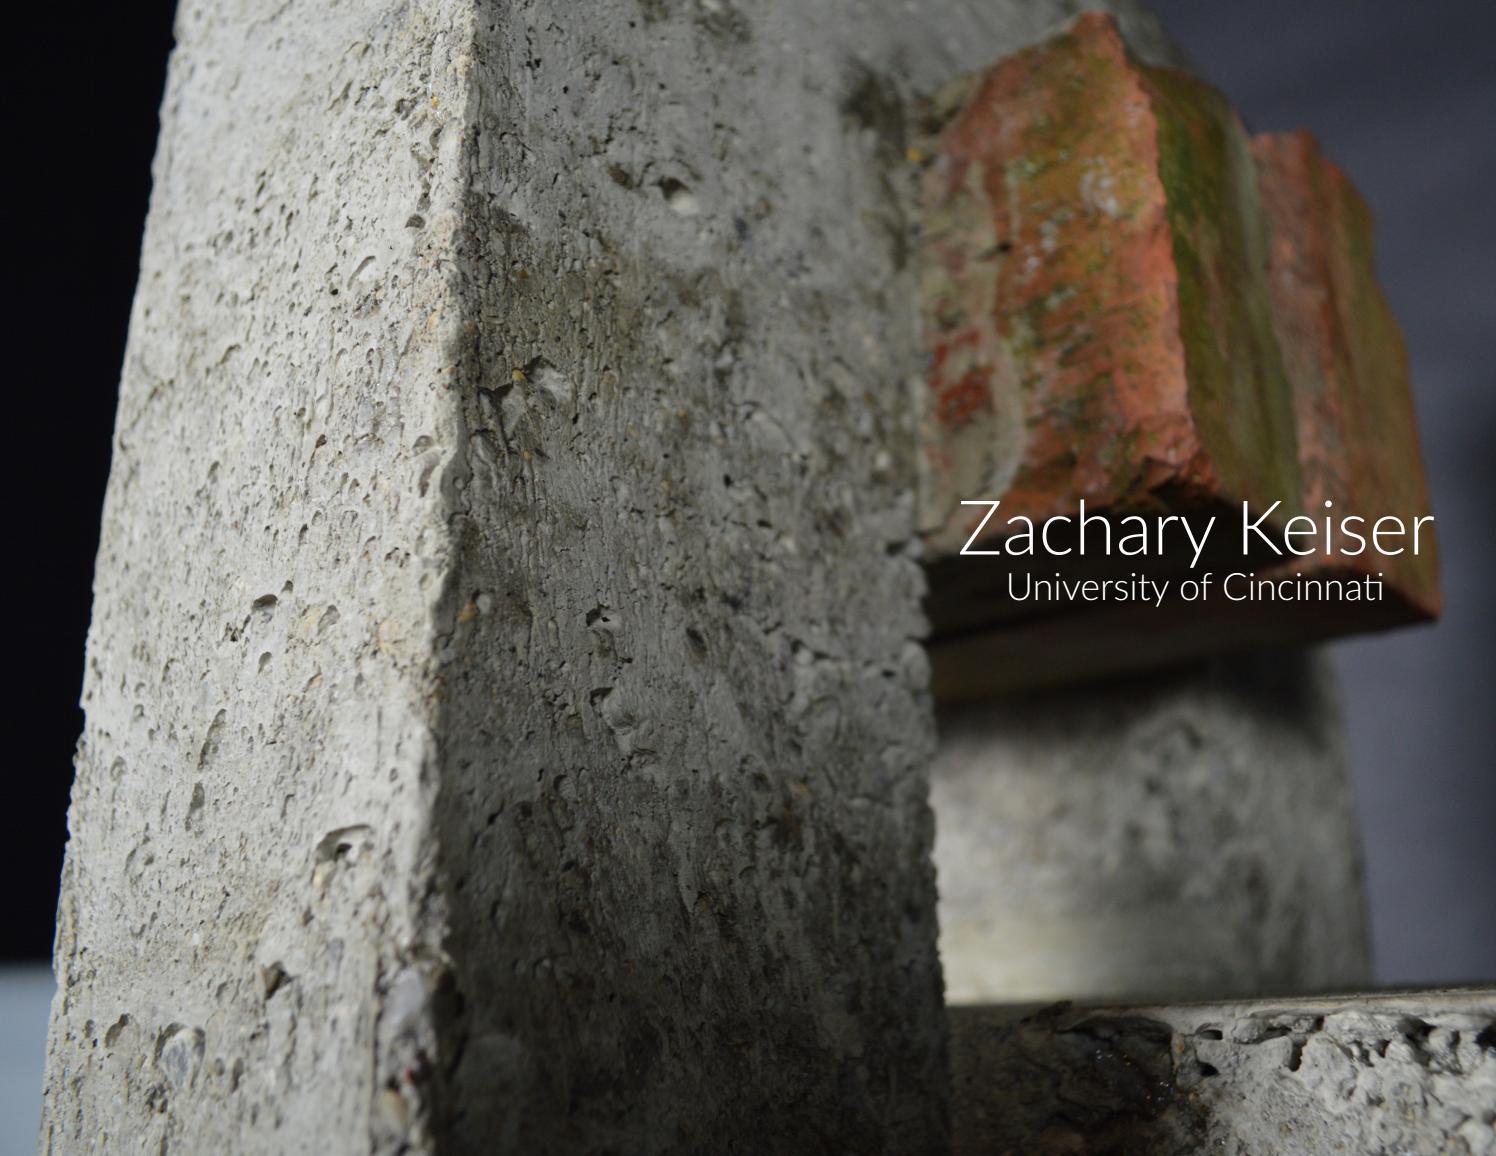 Fußboden In Revit ~ Keiser zachary portfolio by zachary keiser issuu